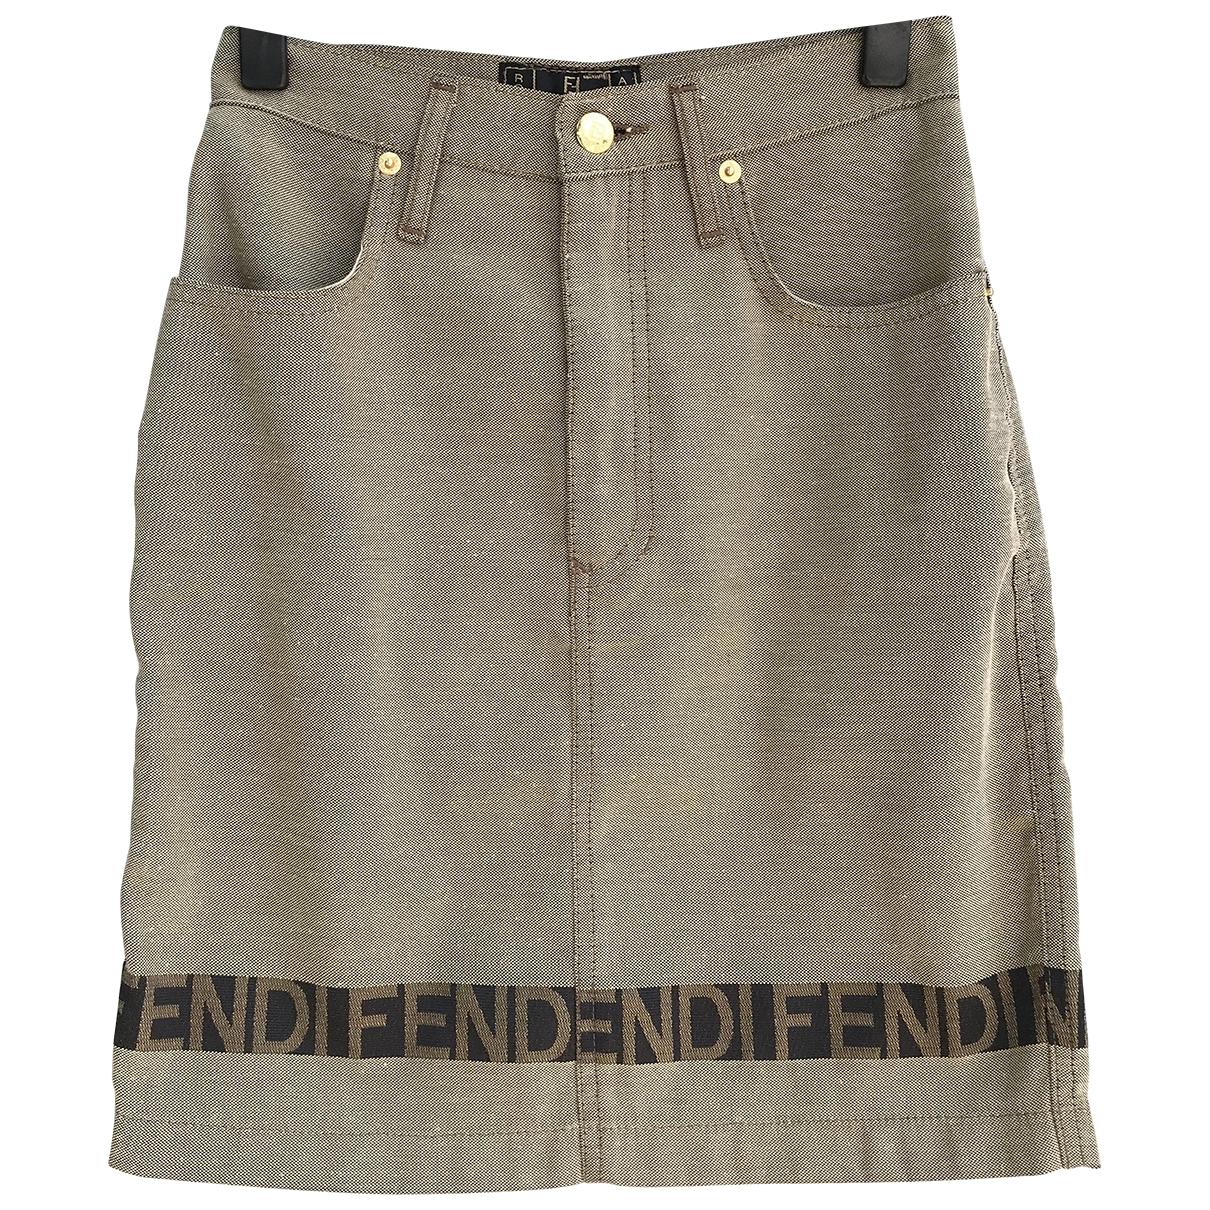 Fendi \N Brown skirt for Women S International